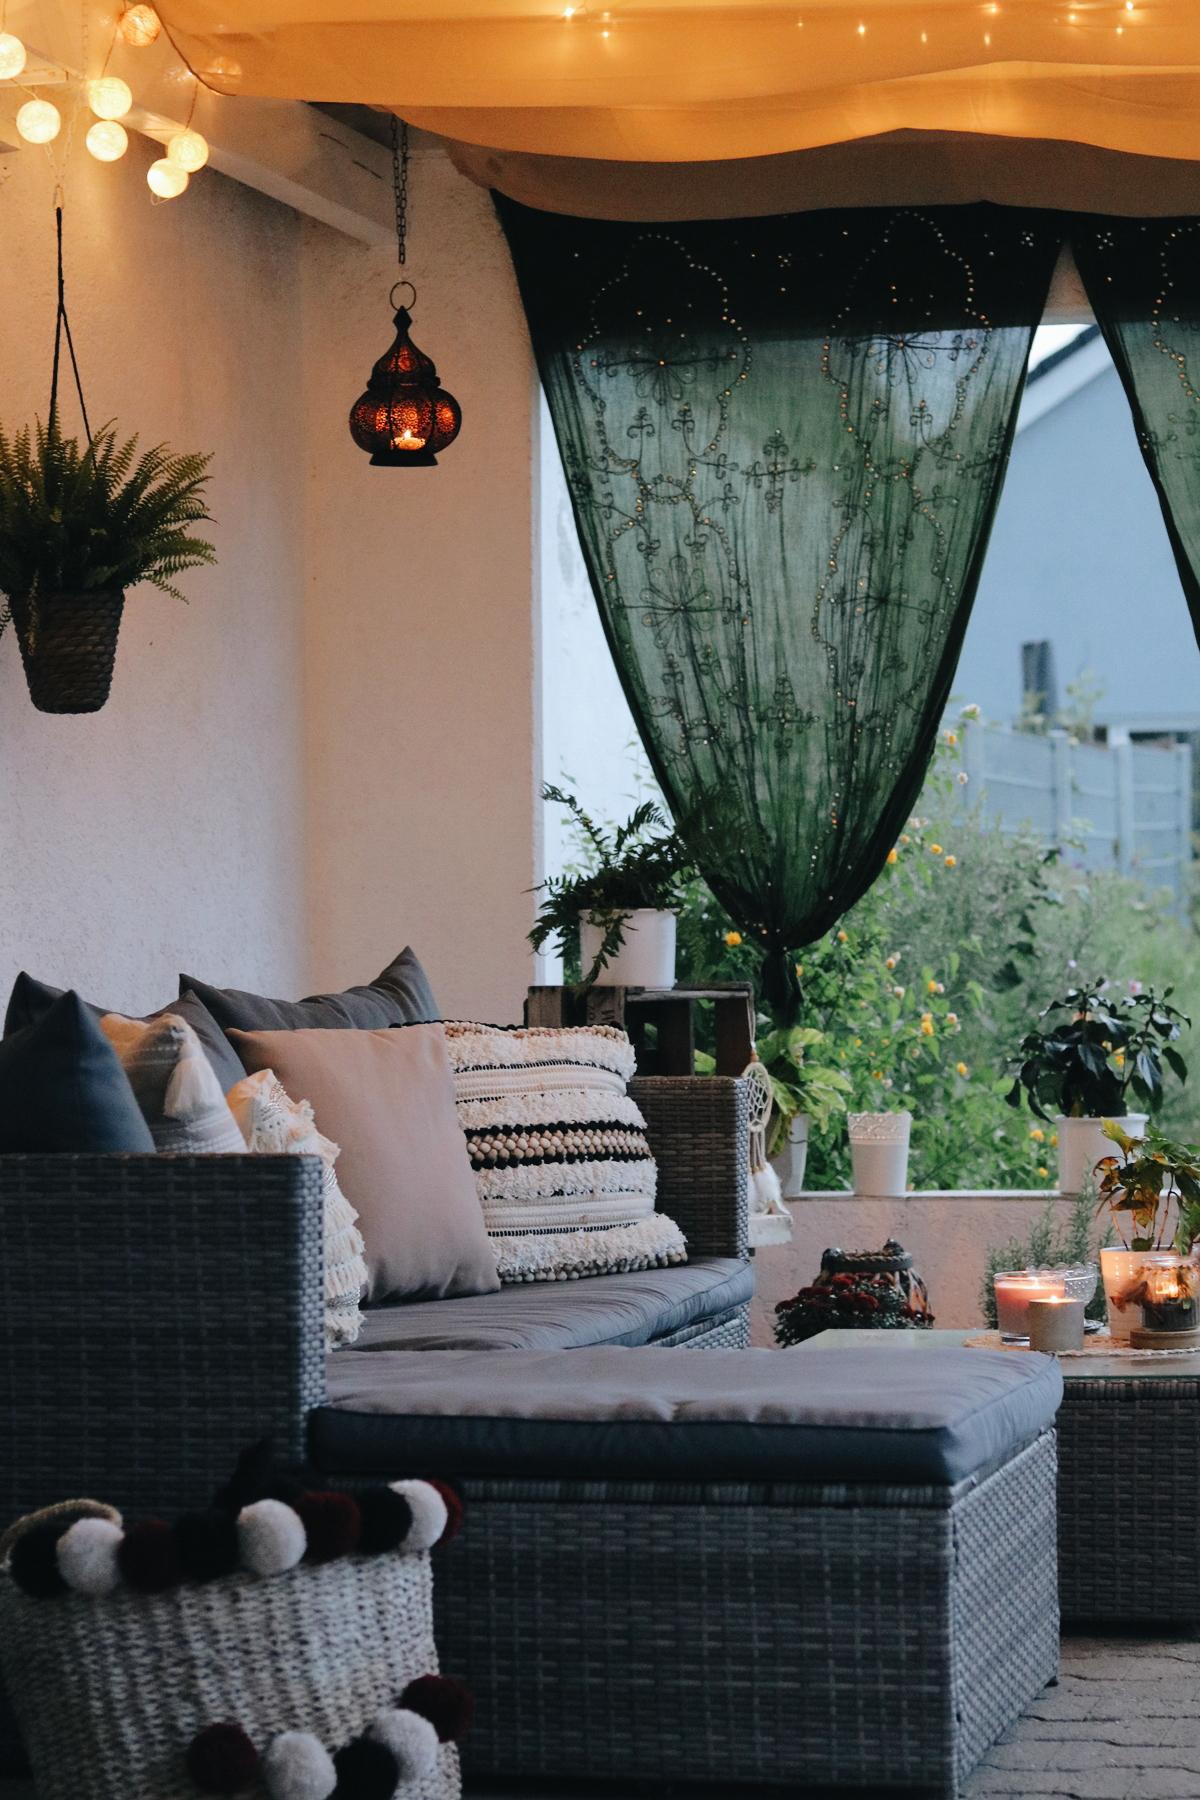 Garten Veranda überdachte Sitzecke Boho Style Ideen Lichterhimmel 1